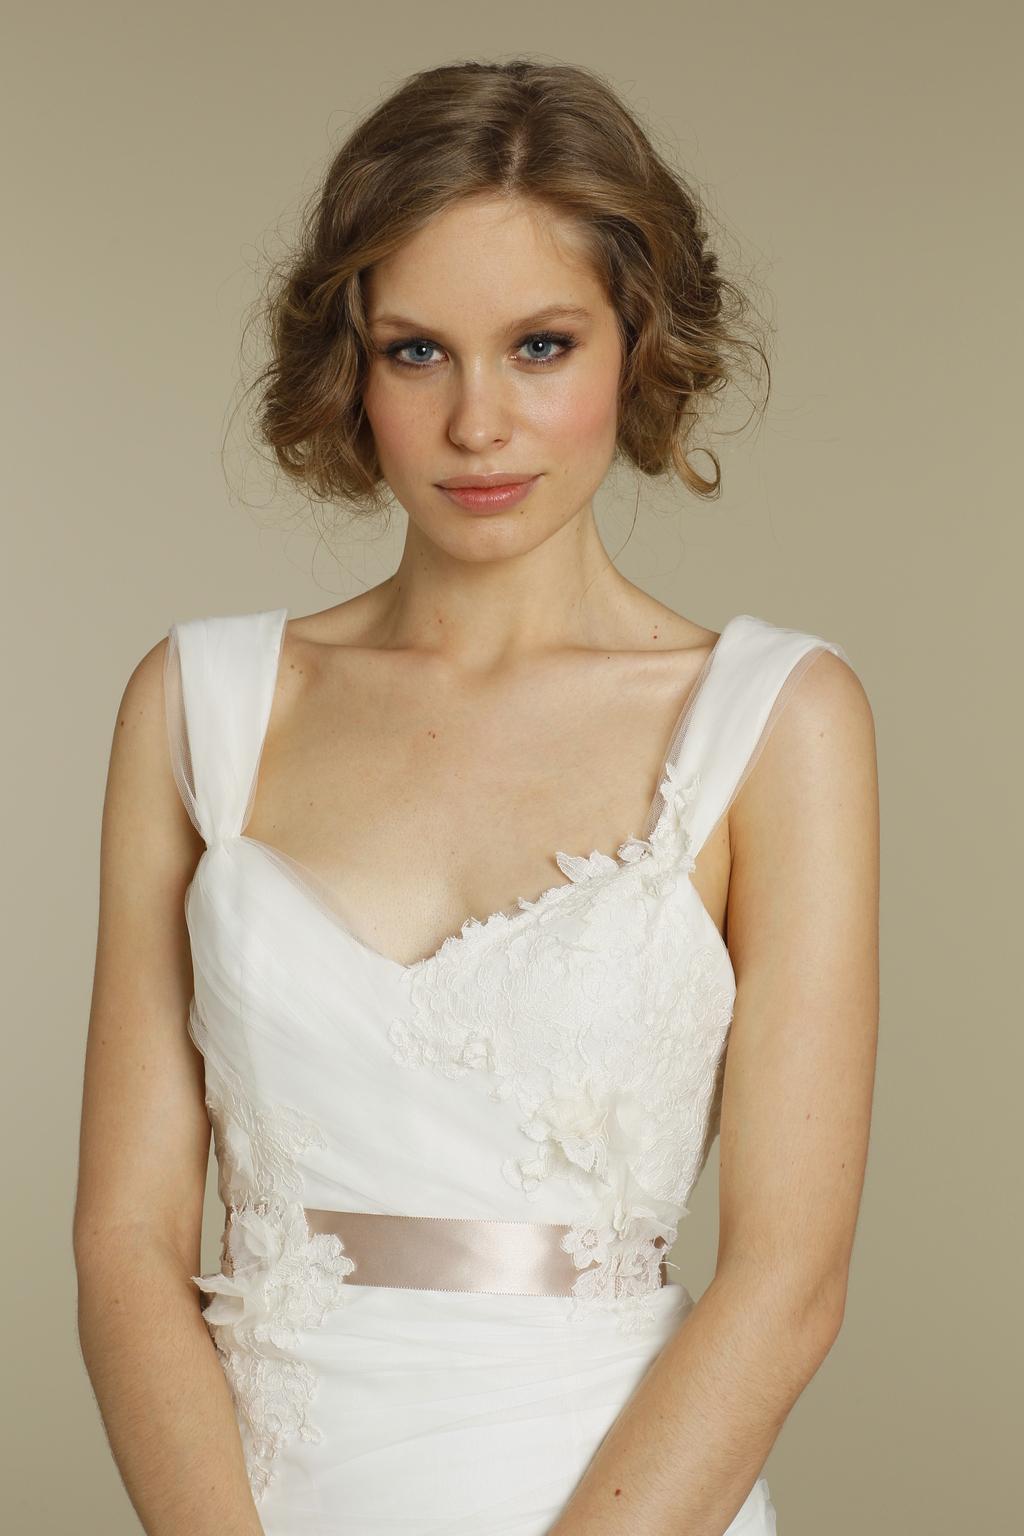 Jim-hjelm-blush-wedding-dress-spring-2012-bridal-gowns-1205-detail.full